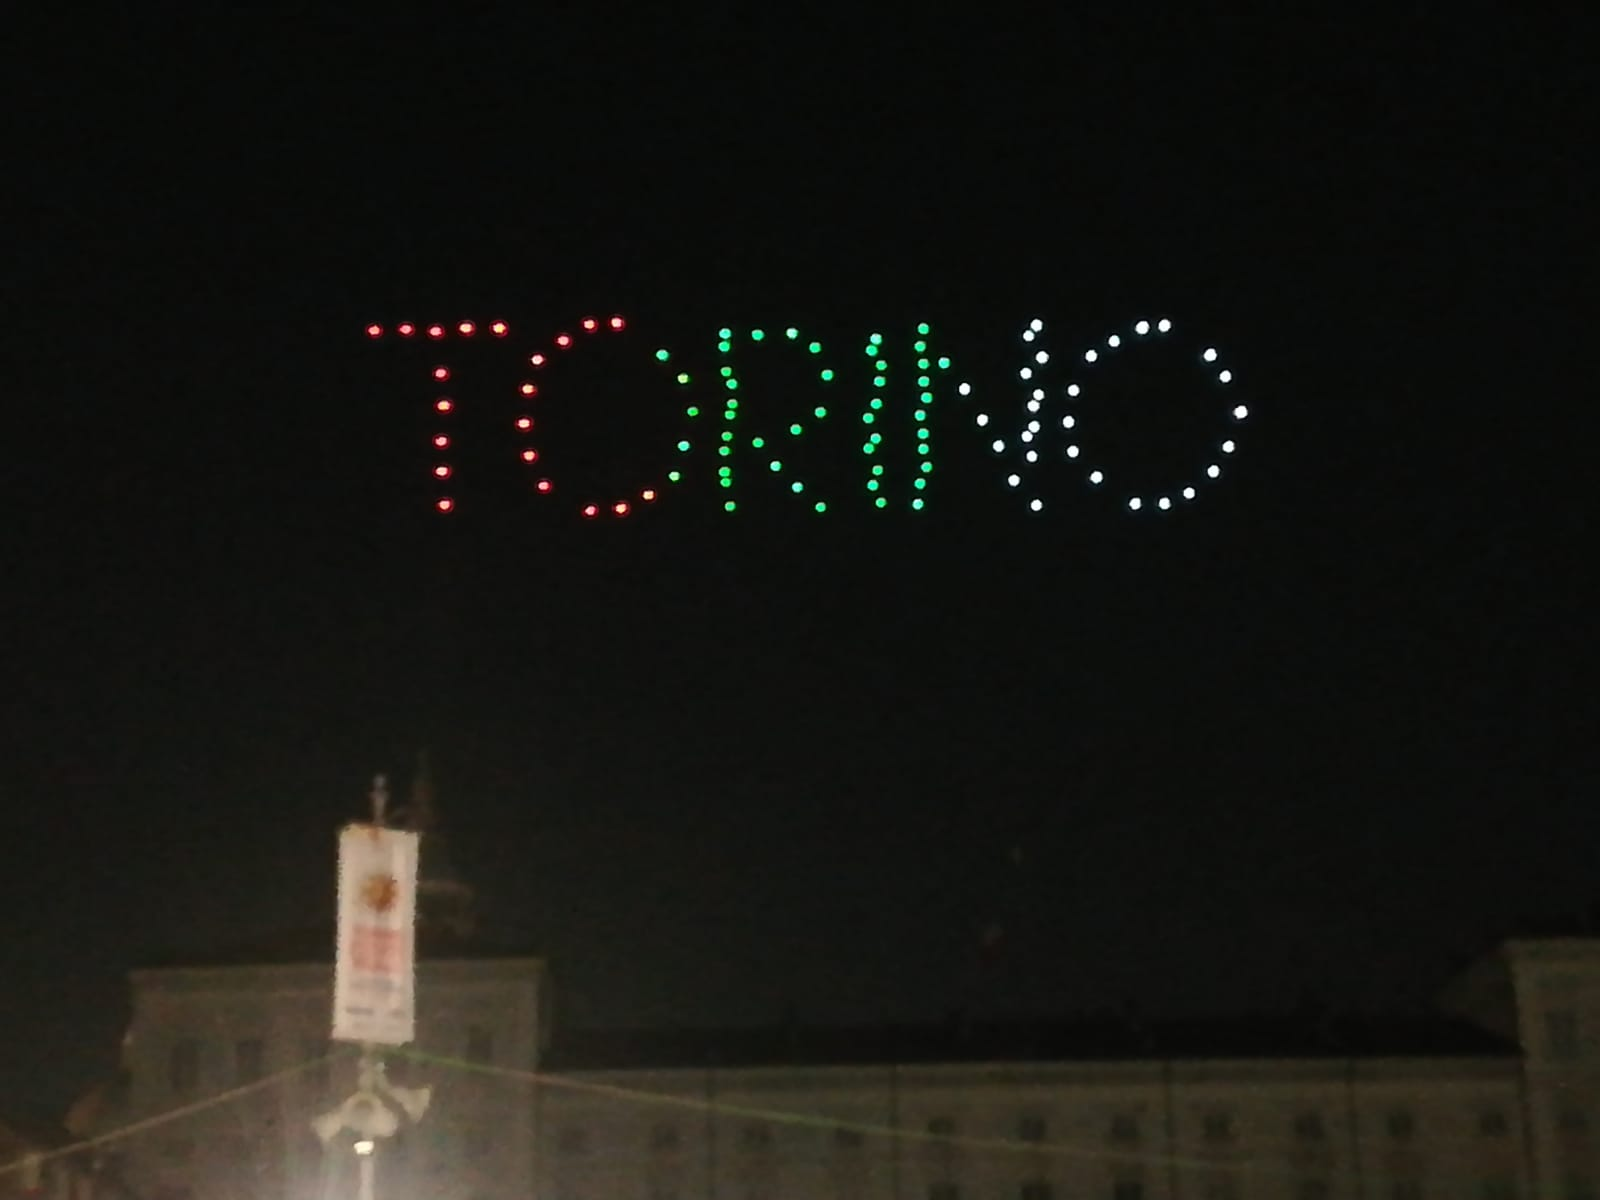 Festa di San Giovanni 2019 a Torino: ecco gli eventi in programma per il 24 giugno